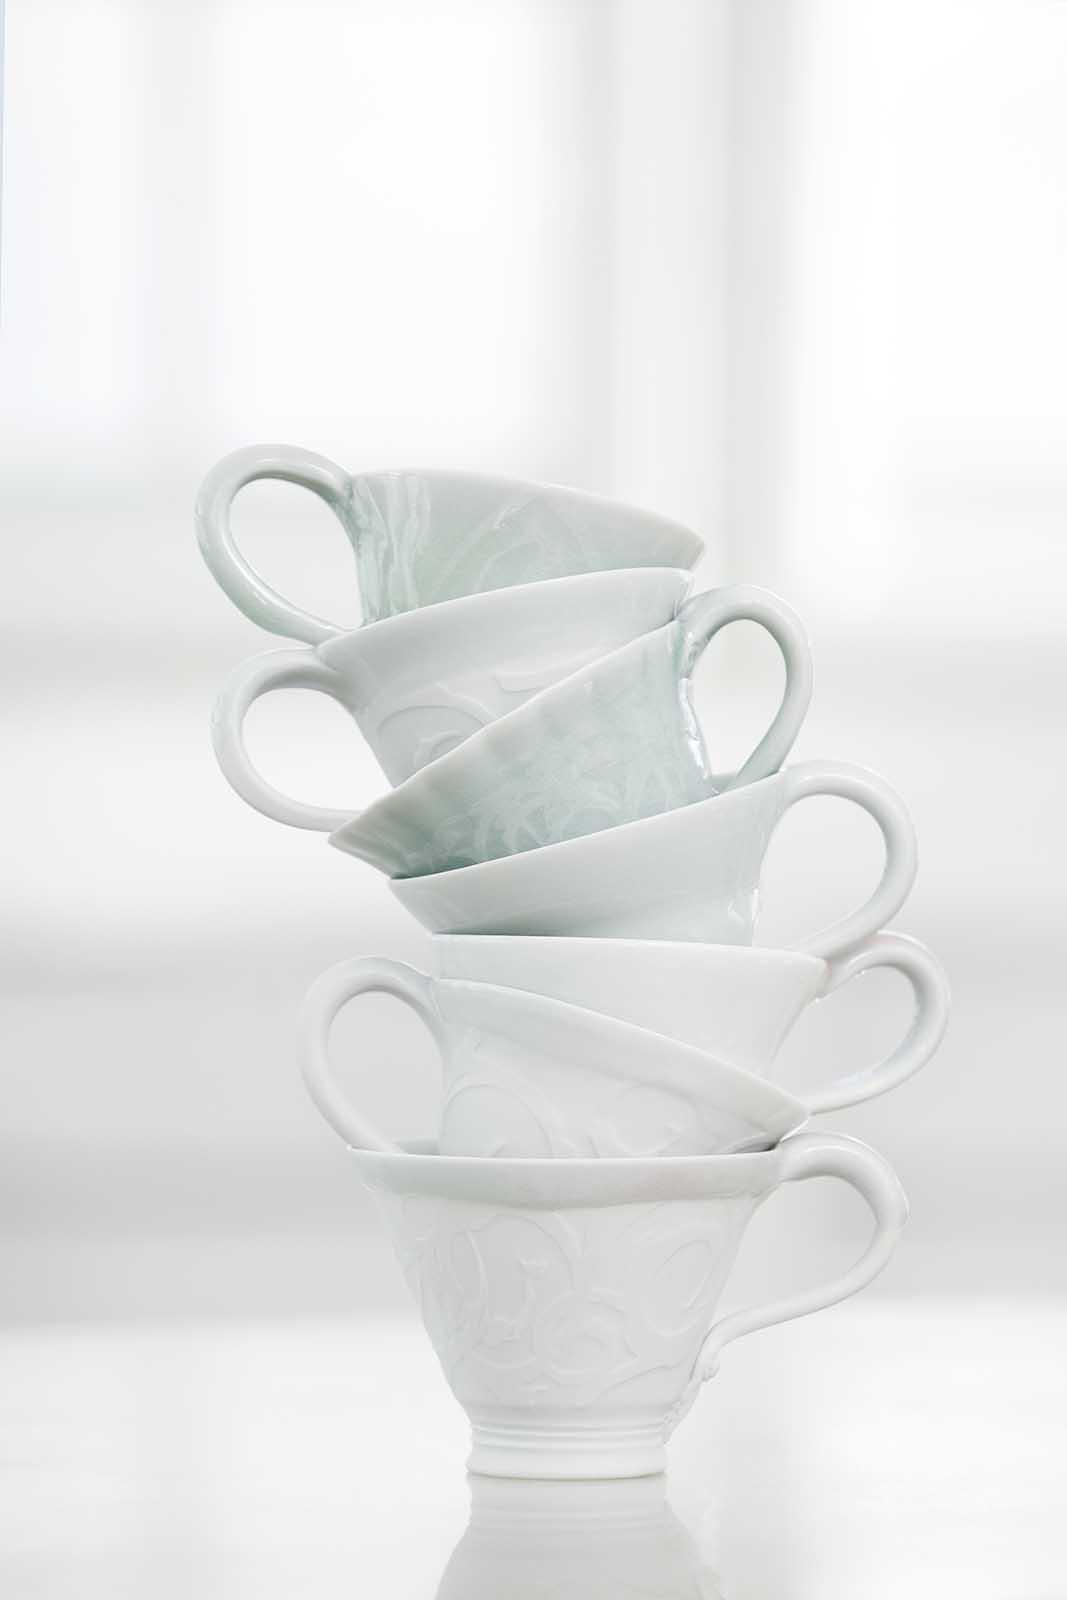 Weisse Tassen ineinander gestapelt